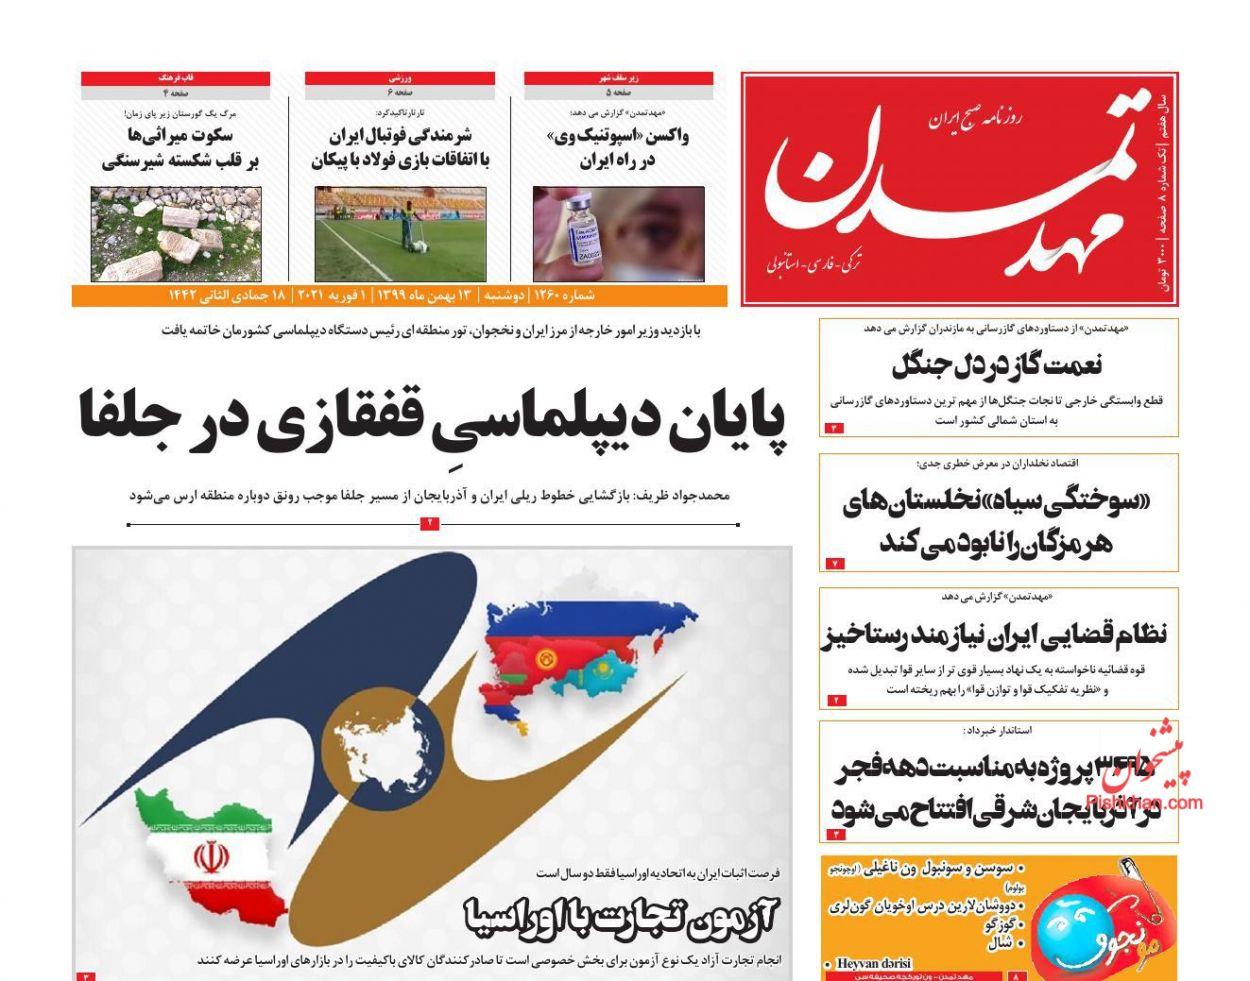 عناوین اخبار روزنامه مهد تمدن در روز دوشنبه ۱۳ بهمن